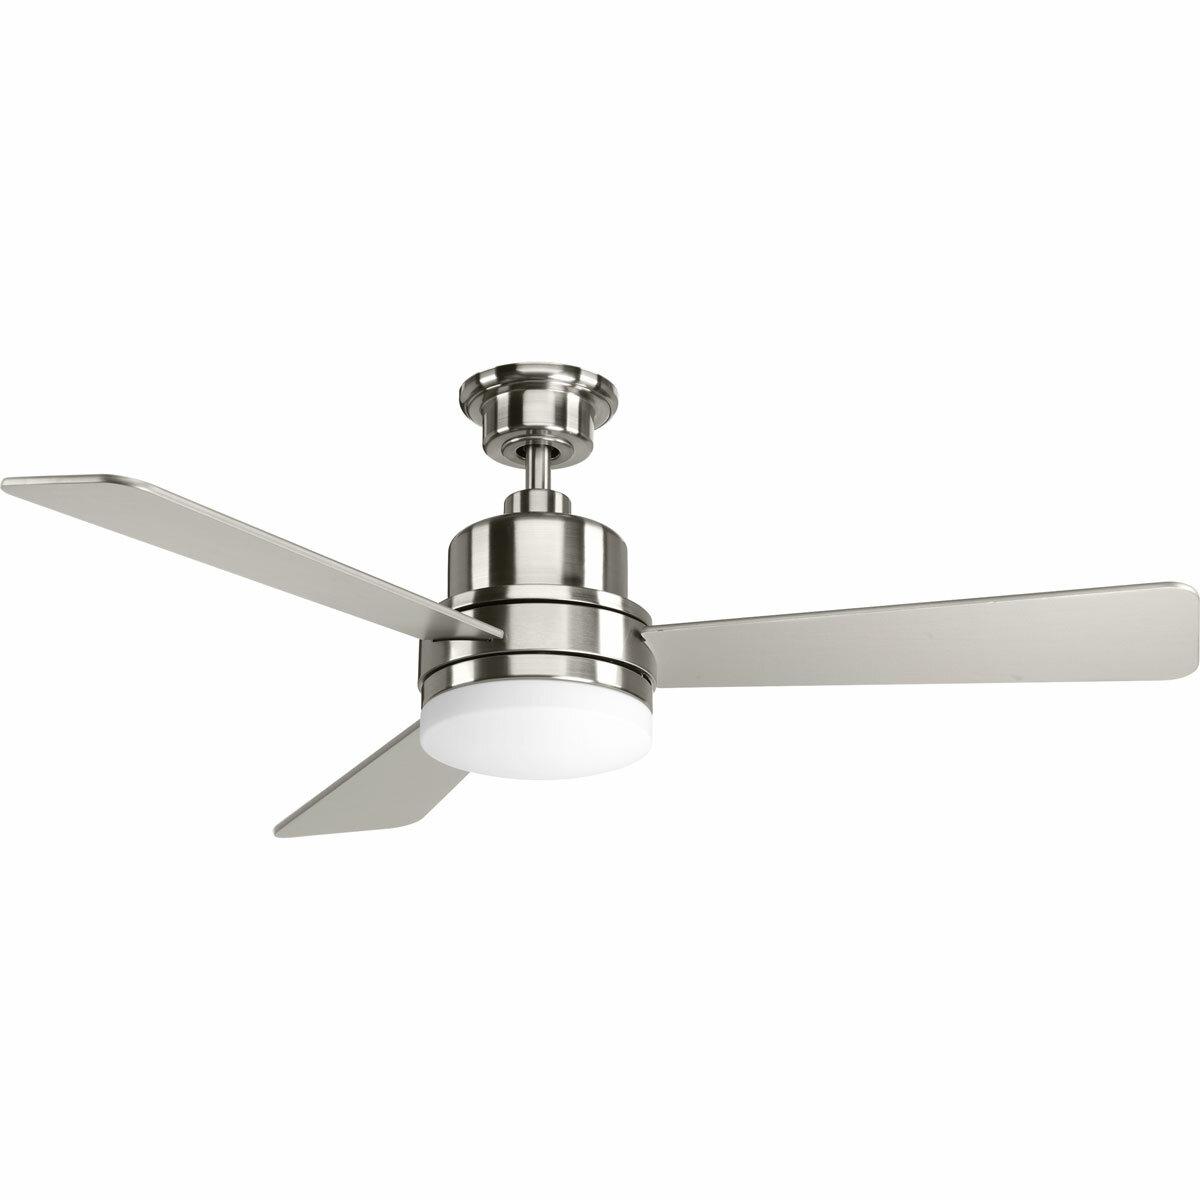 52 rathburn 3 blade ceiling fan aloadofball Gallery